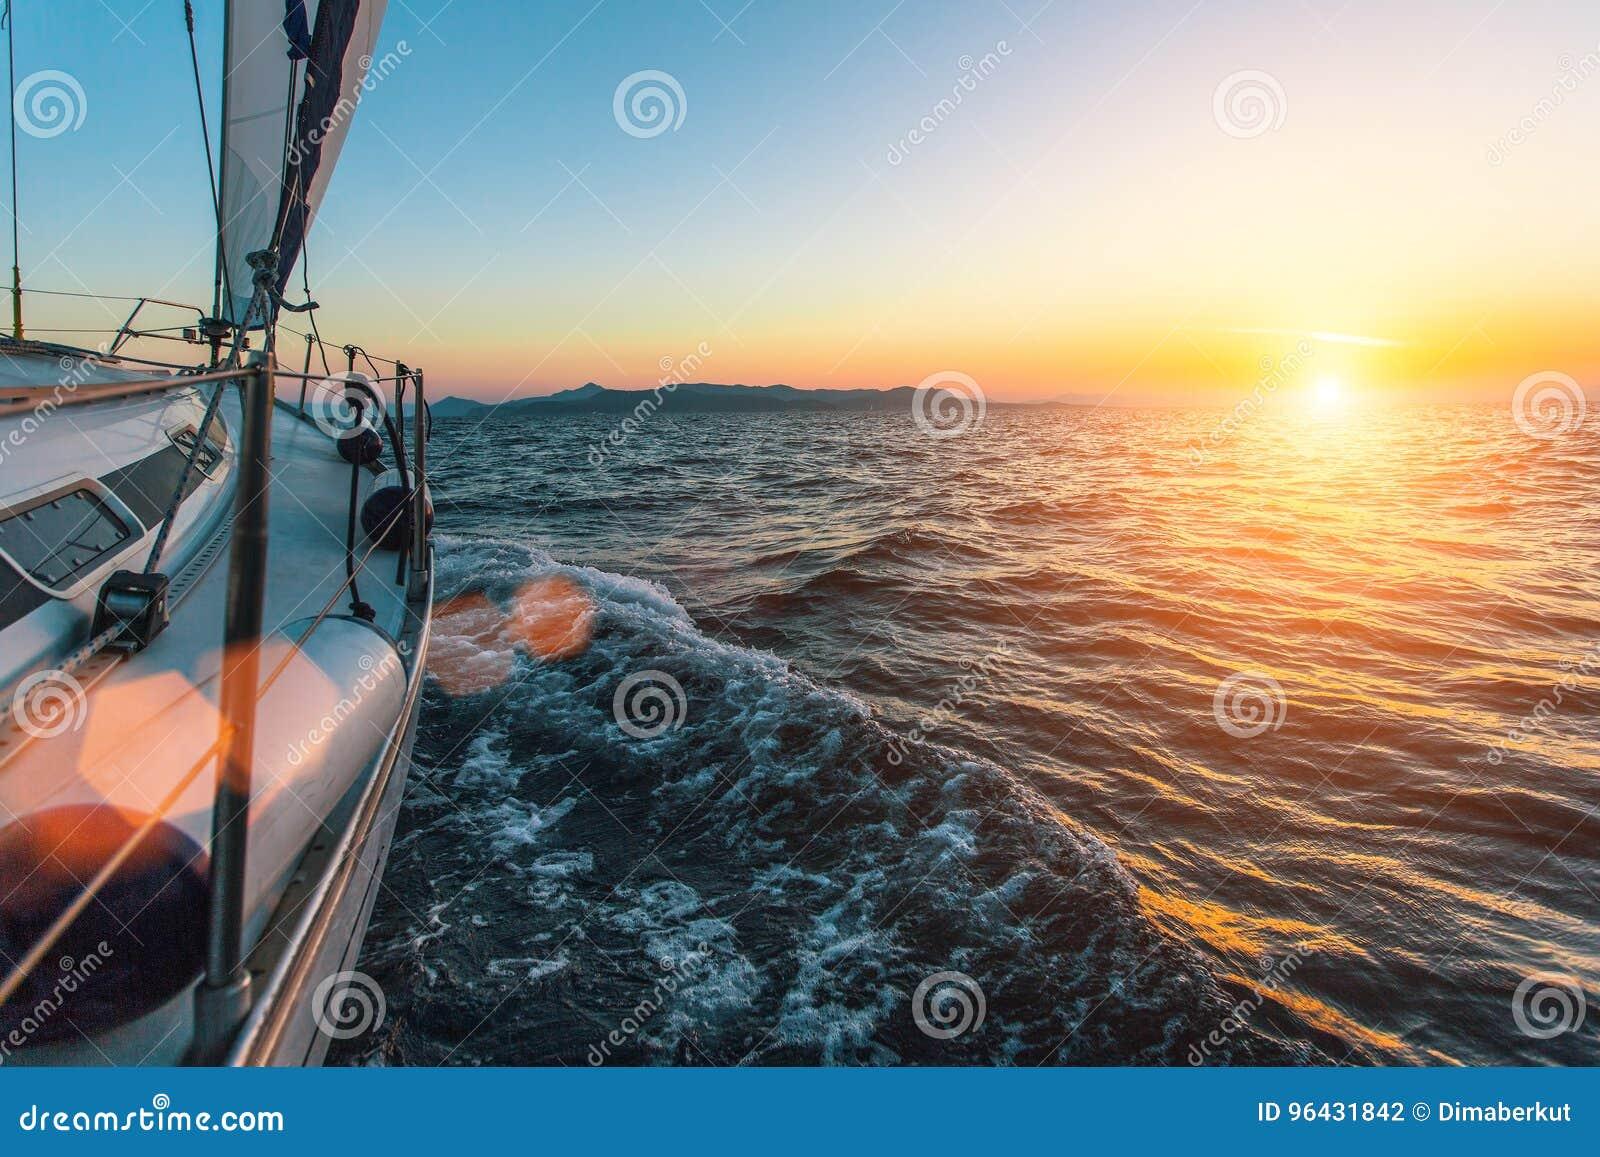 Lyxigt fartyg för yacht för seglingskepp i det Aegean havet under härlig solnedgång Natur